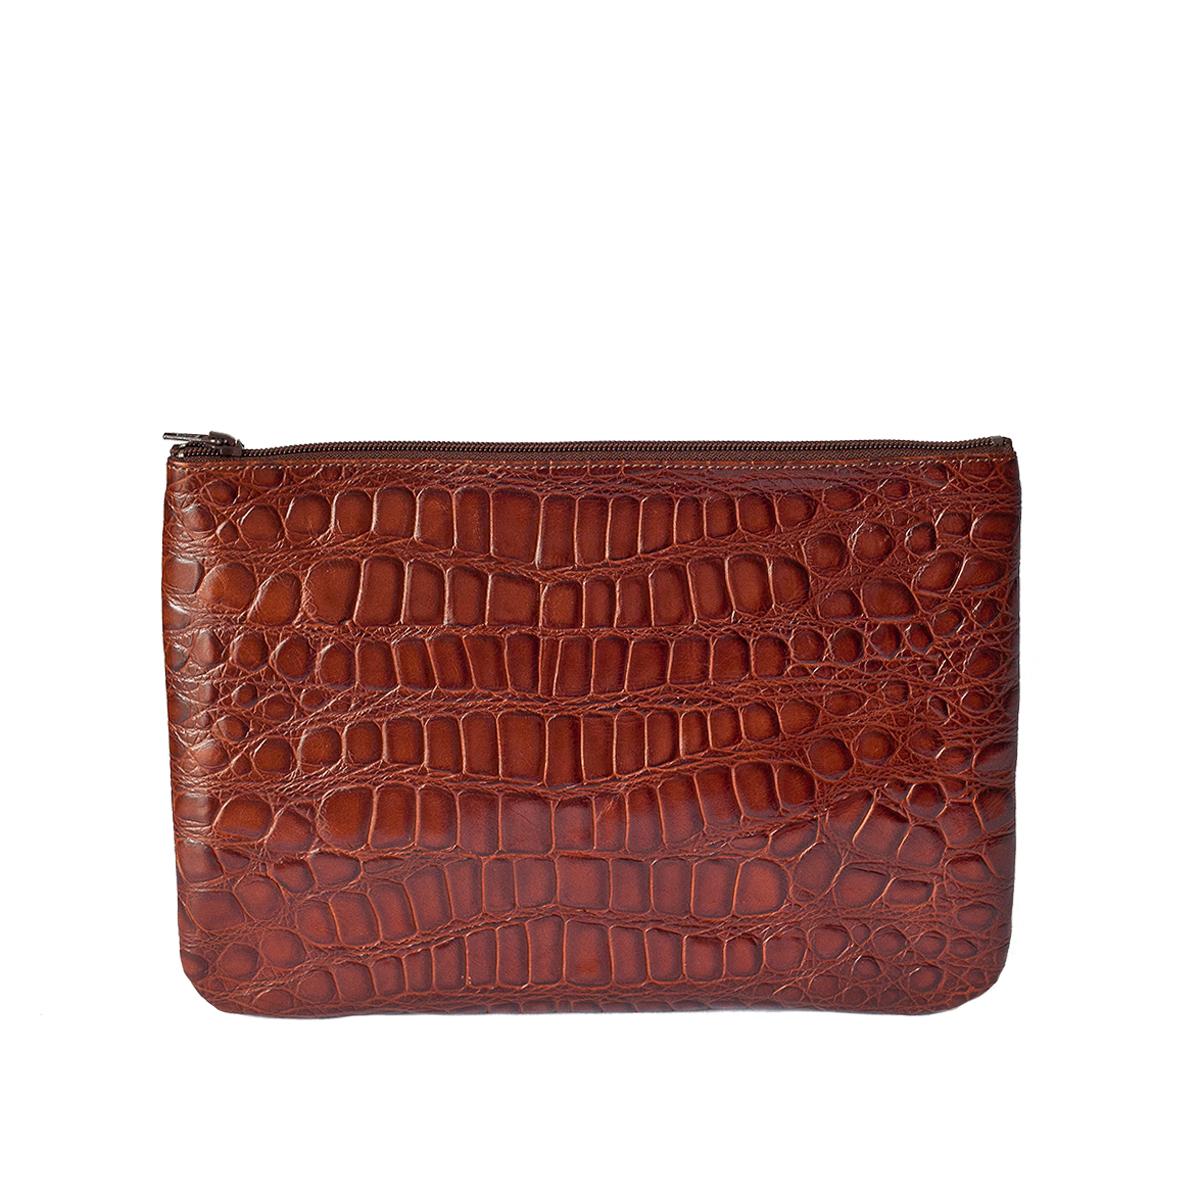 Grande pochette marron en cuir façon croco